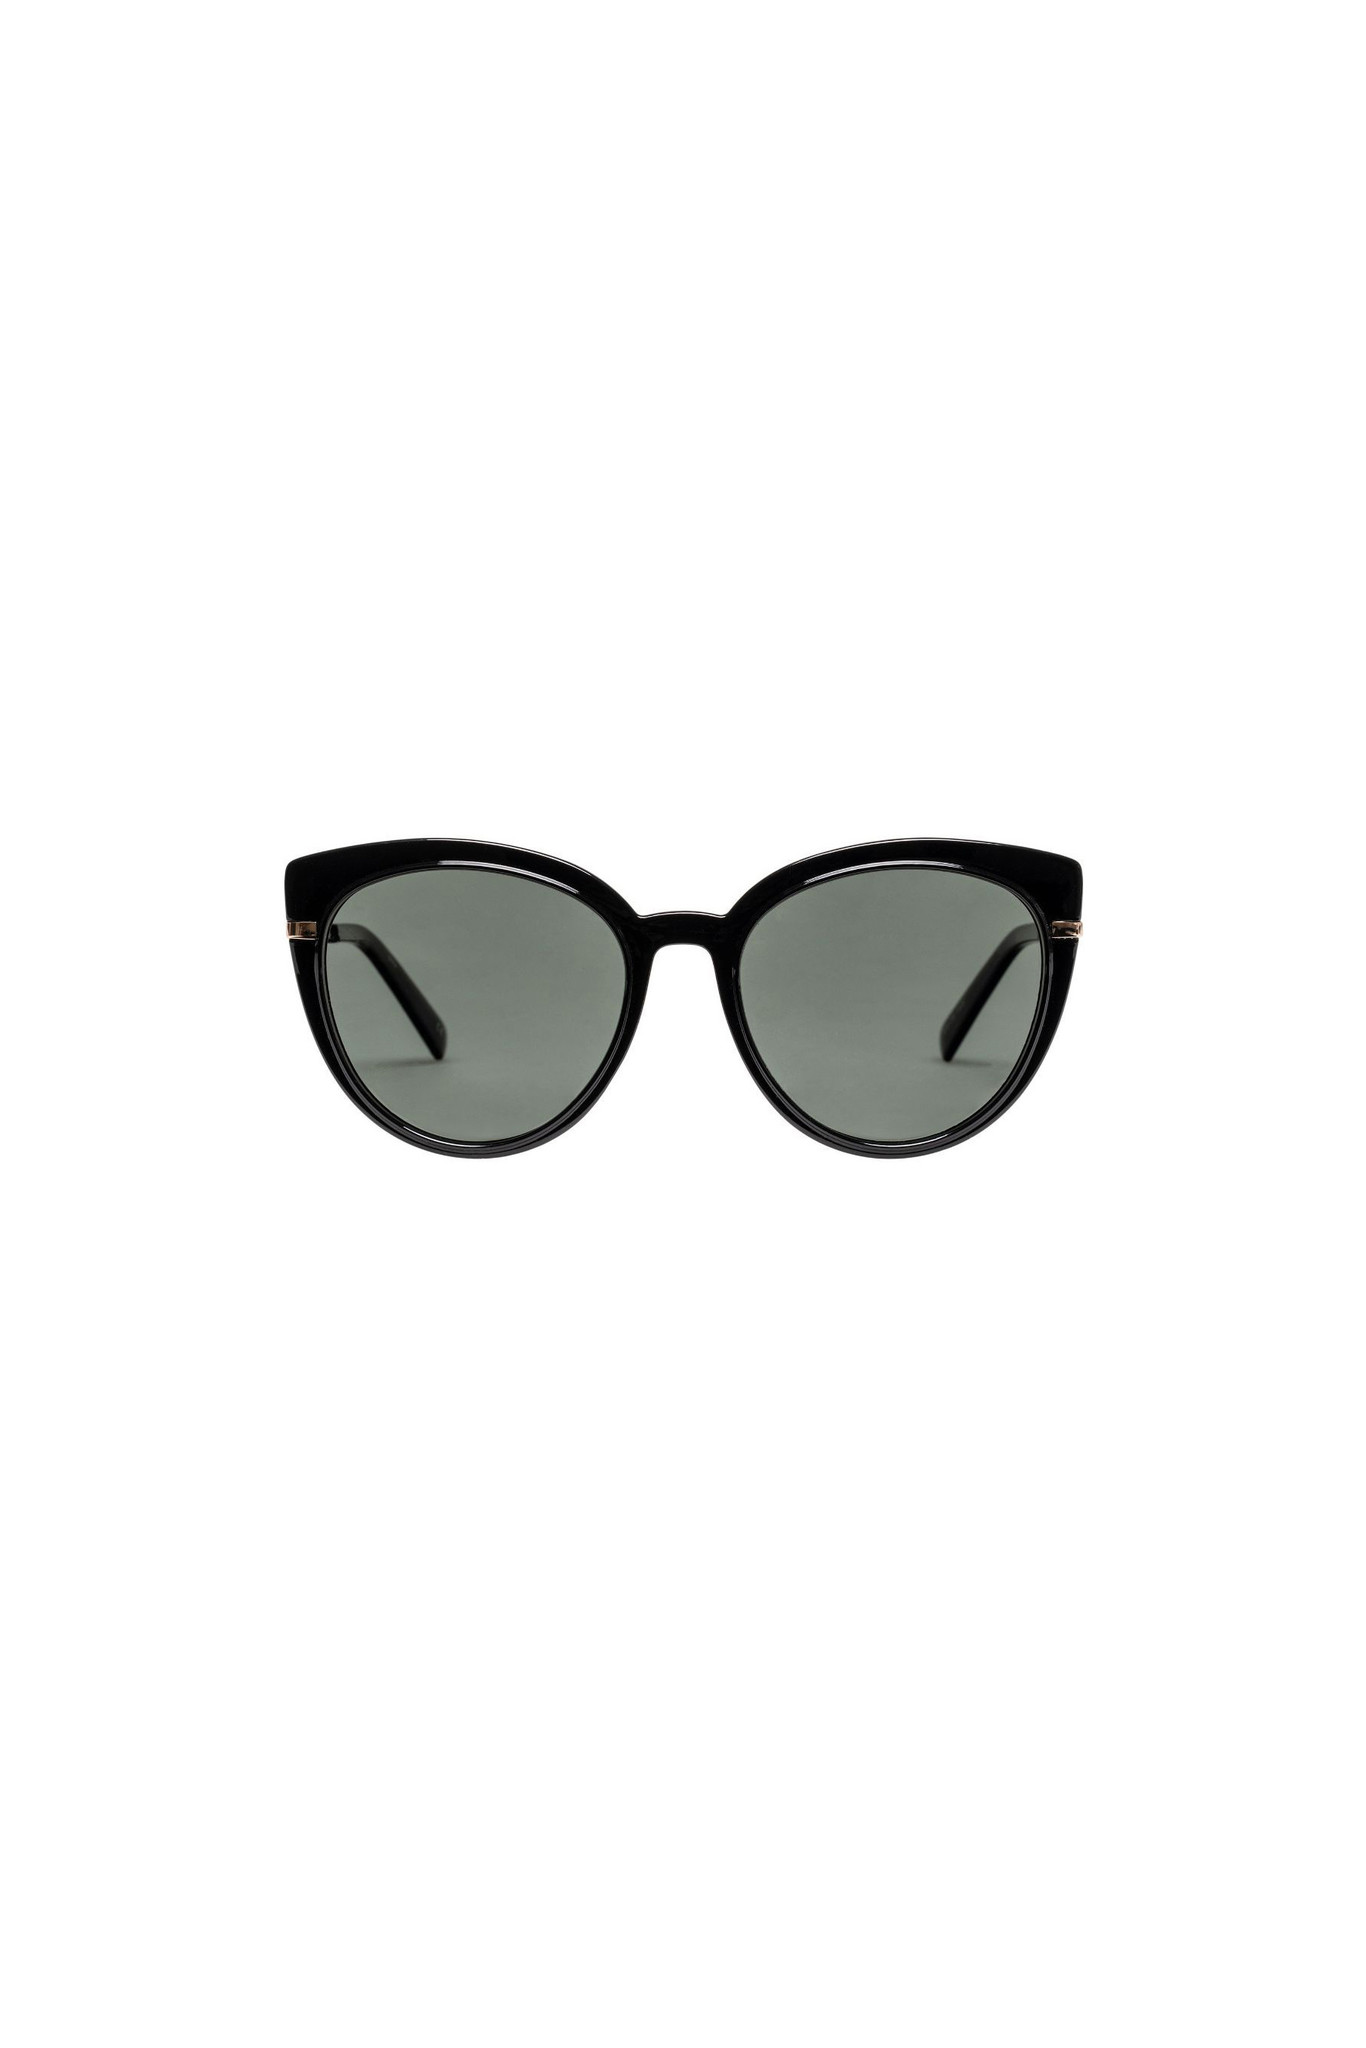 Le Specs Promiscuous *Polarized* Sunglasses - Black